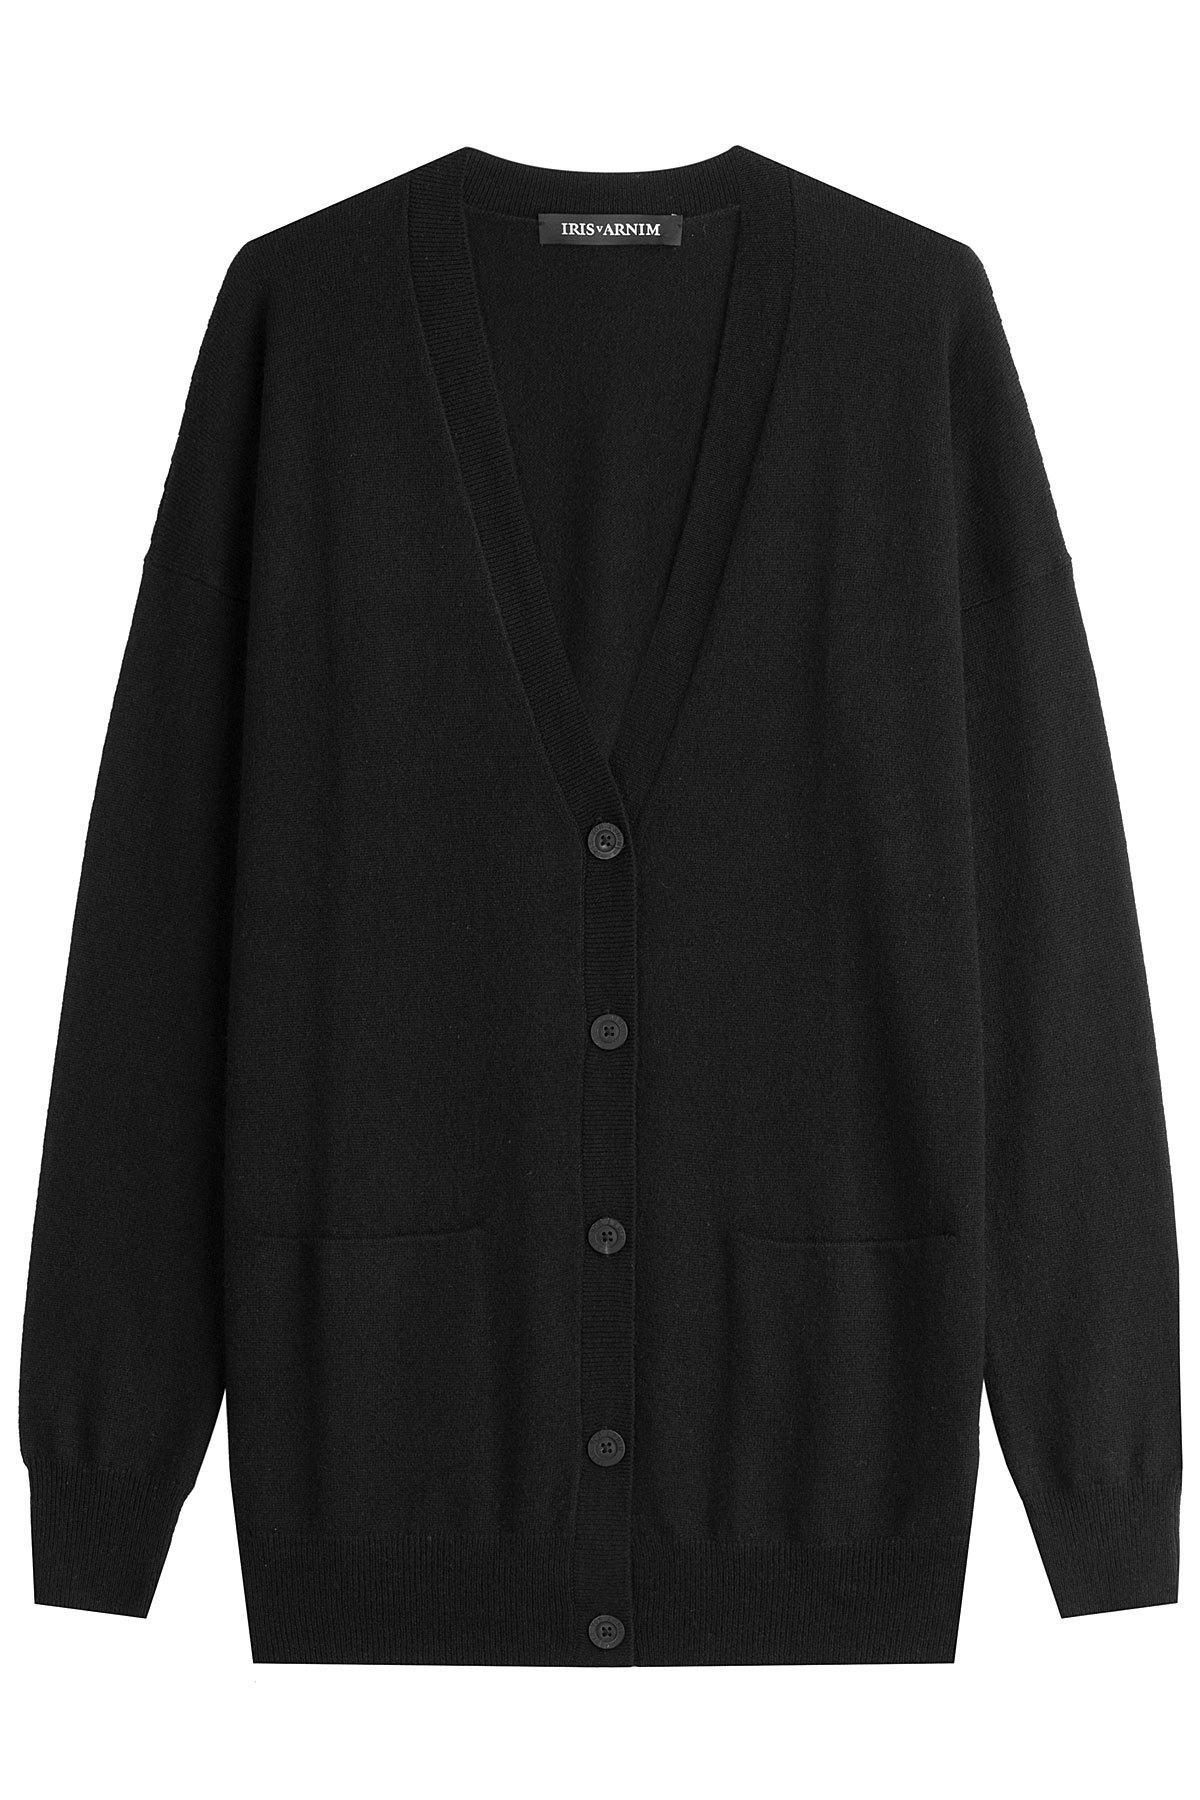 iris von arnim cashmere cardigan in black lyst. Black Bedroom Furniture Sets. Home Design Ideas